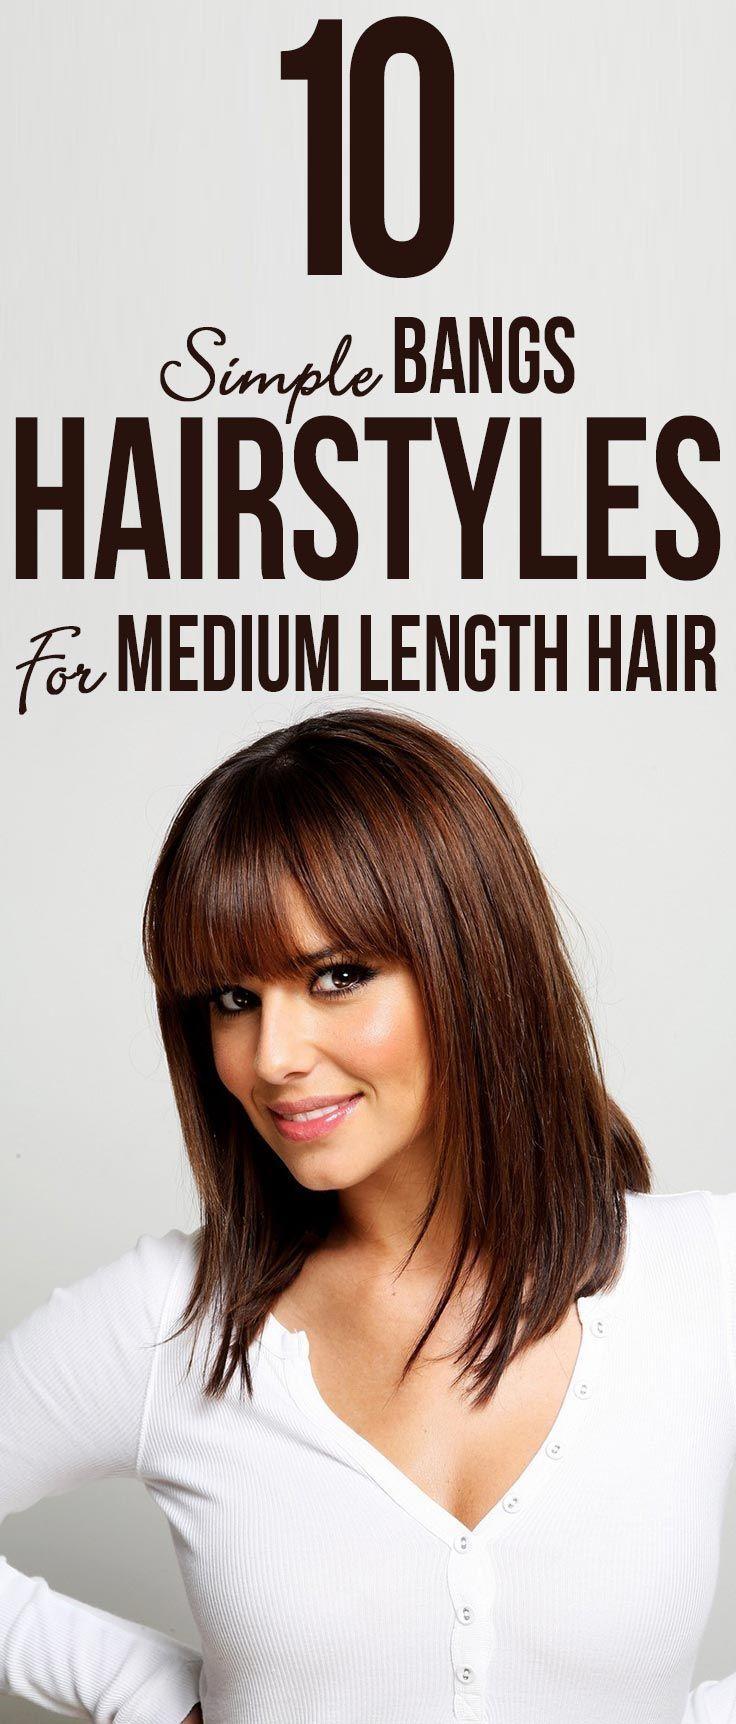 simple bangs hairstyles